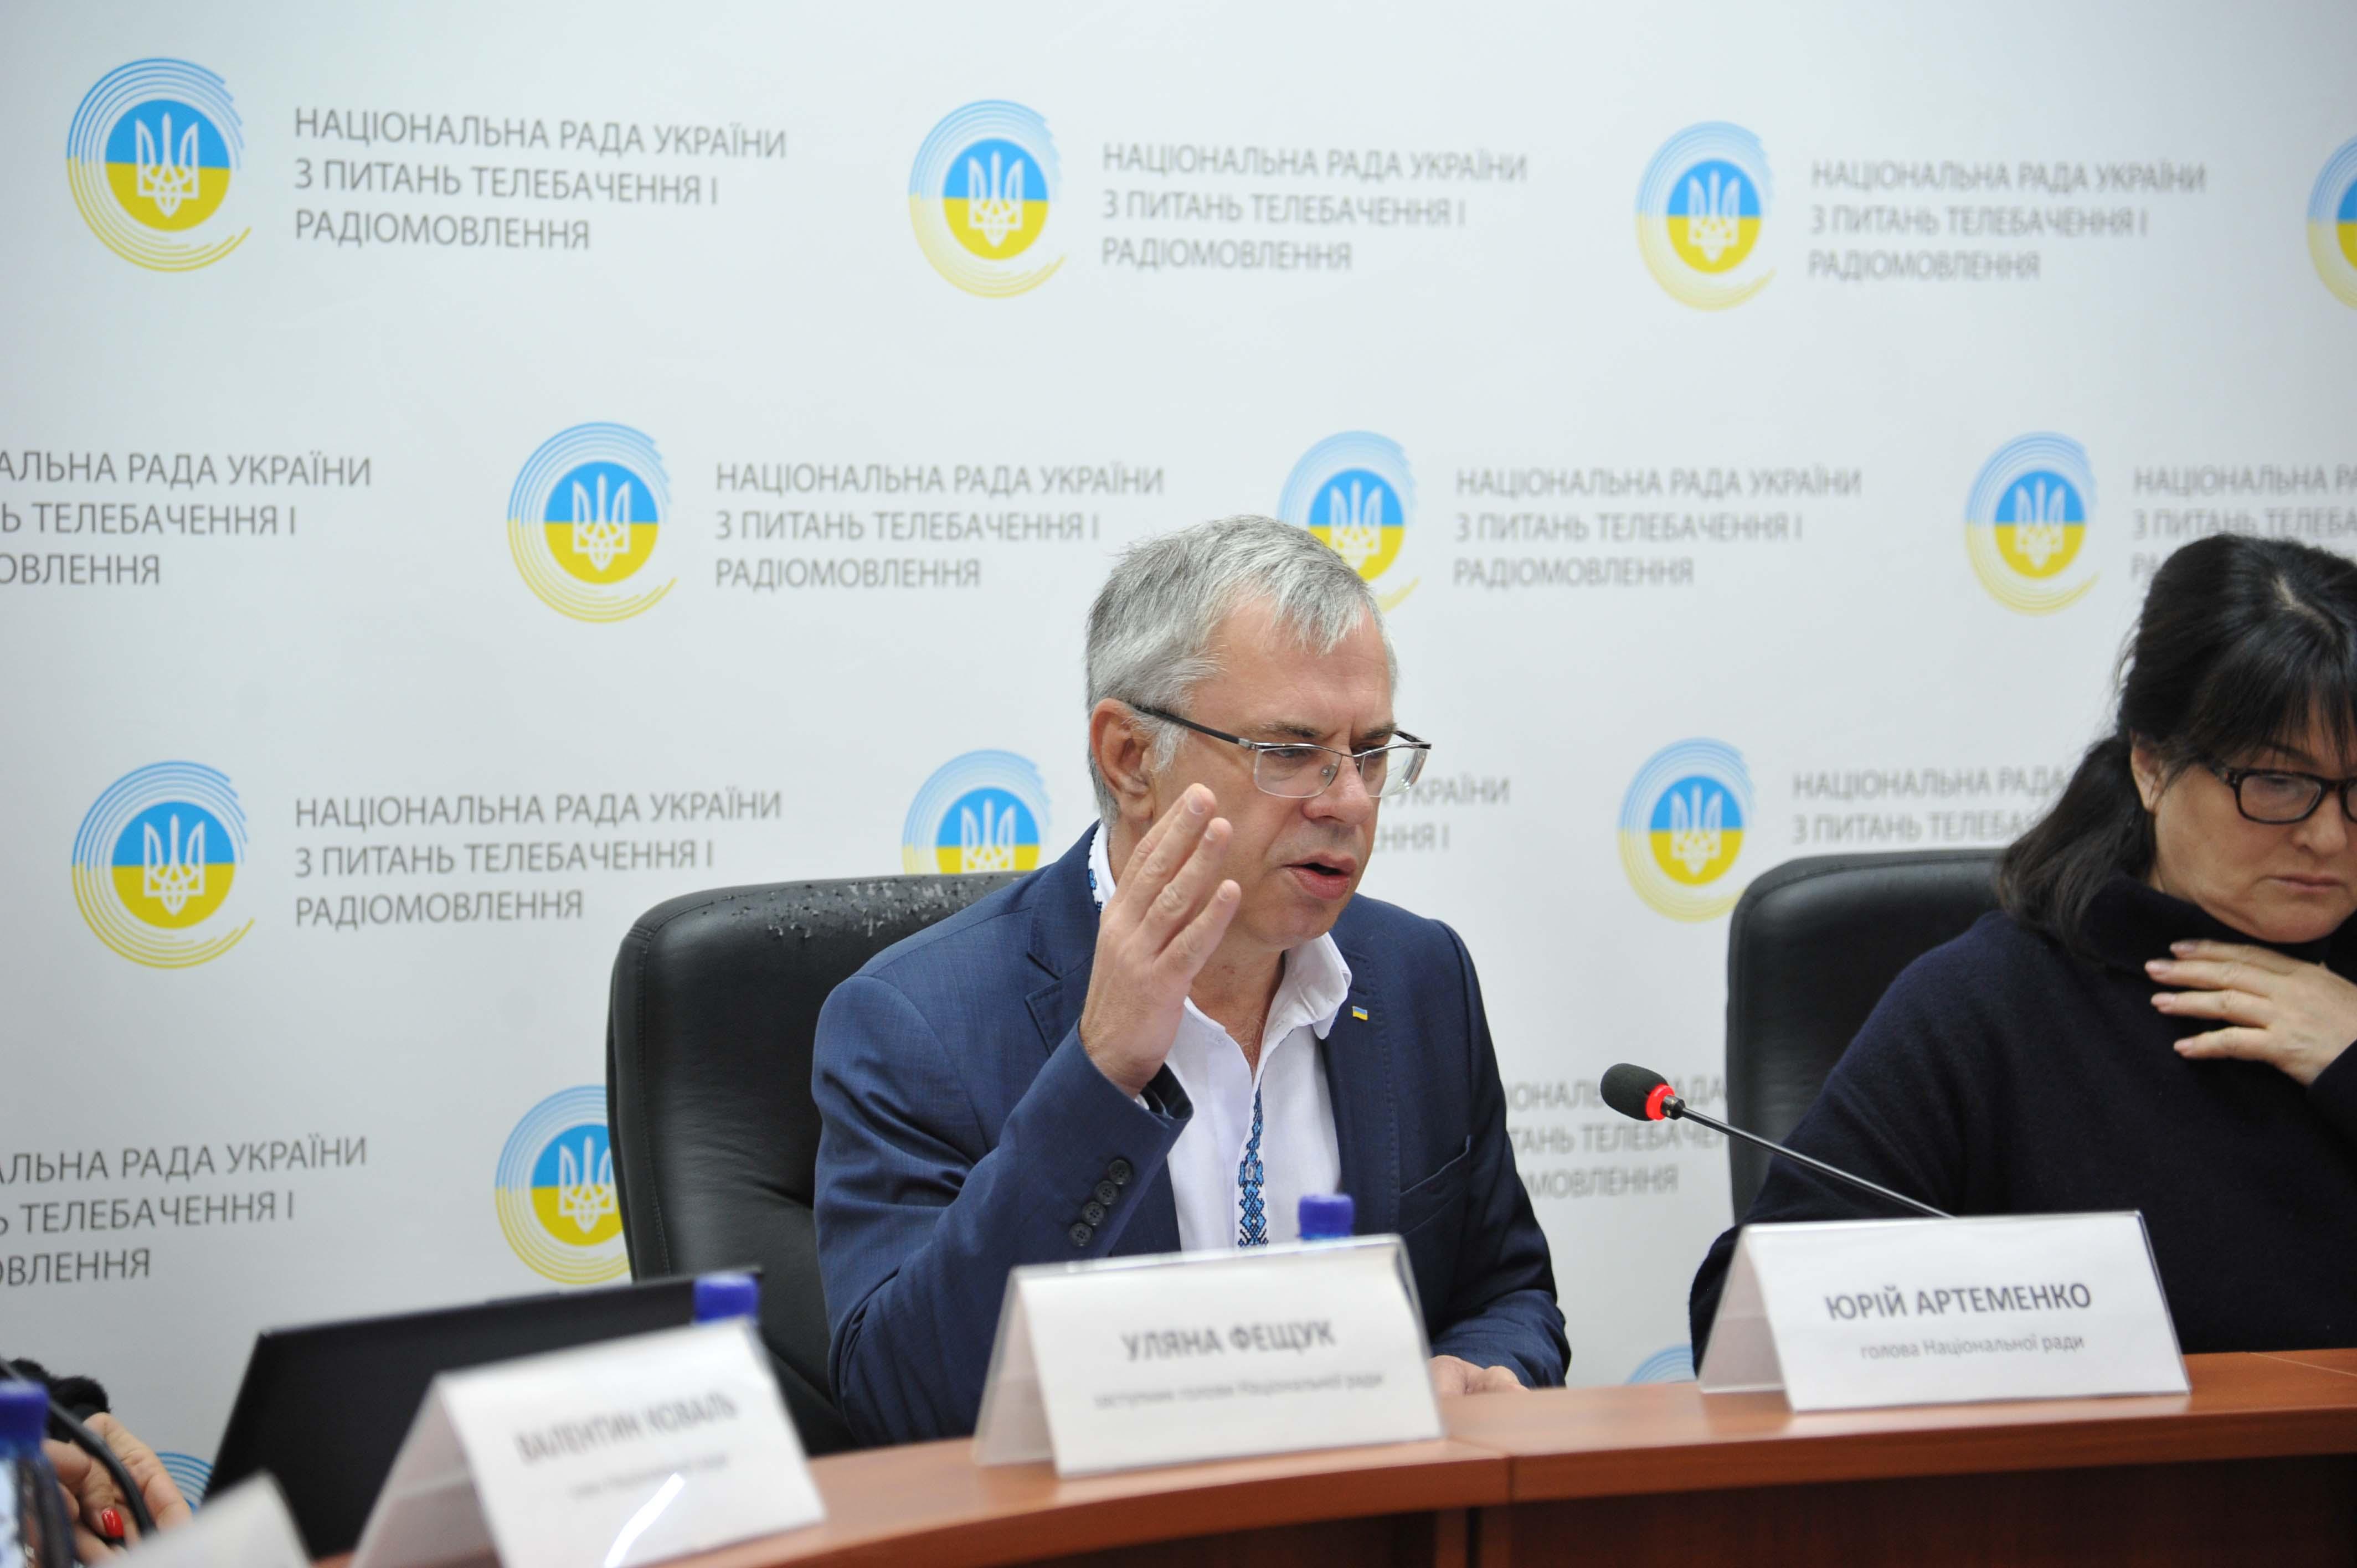 Нацрада відмовила «УНІАН ТБ» і М2 у мовленні в «Зеонбуді». «Плюси» судитимуться